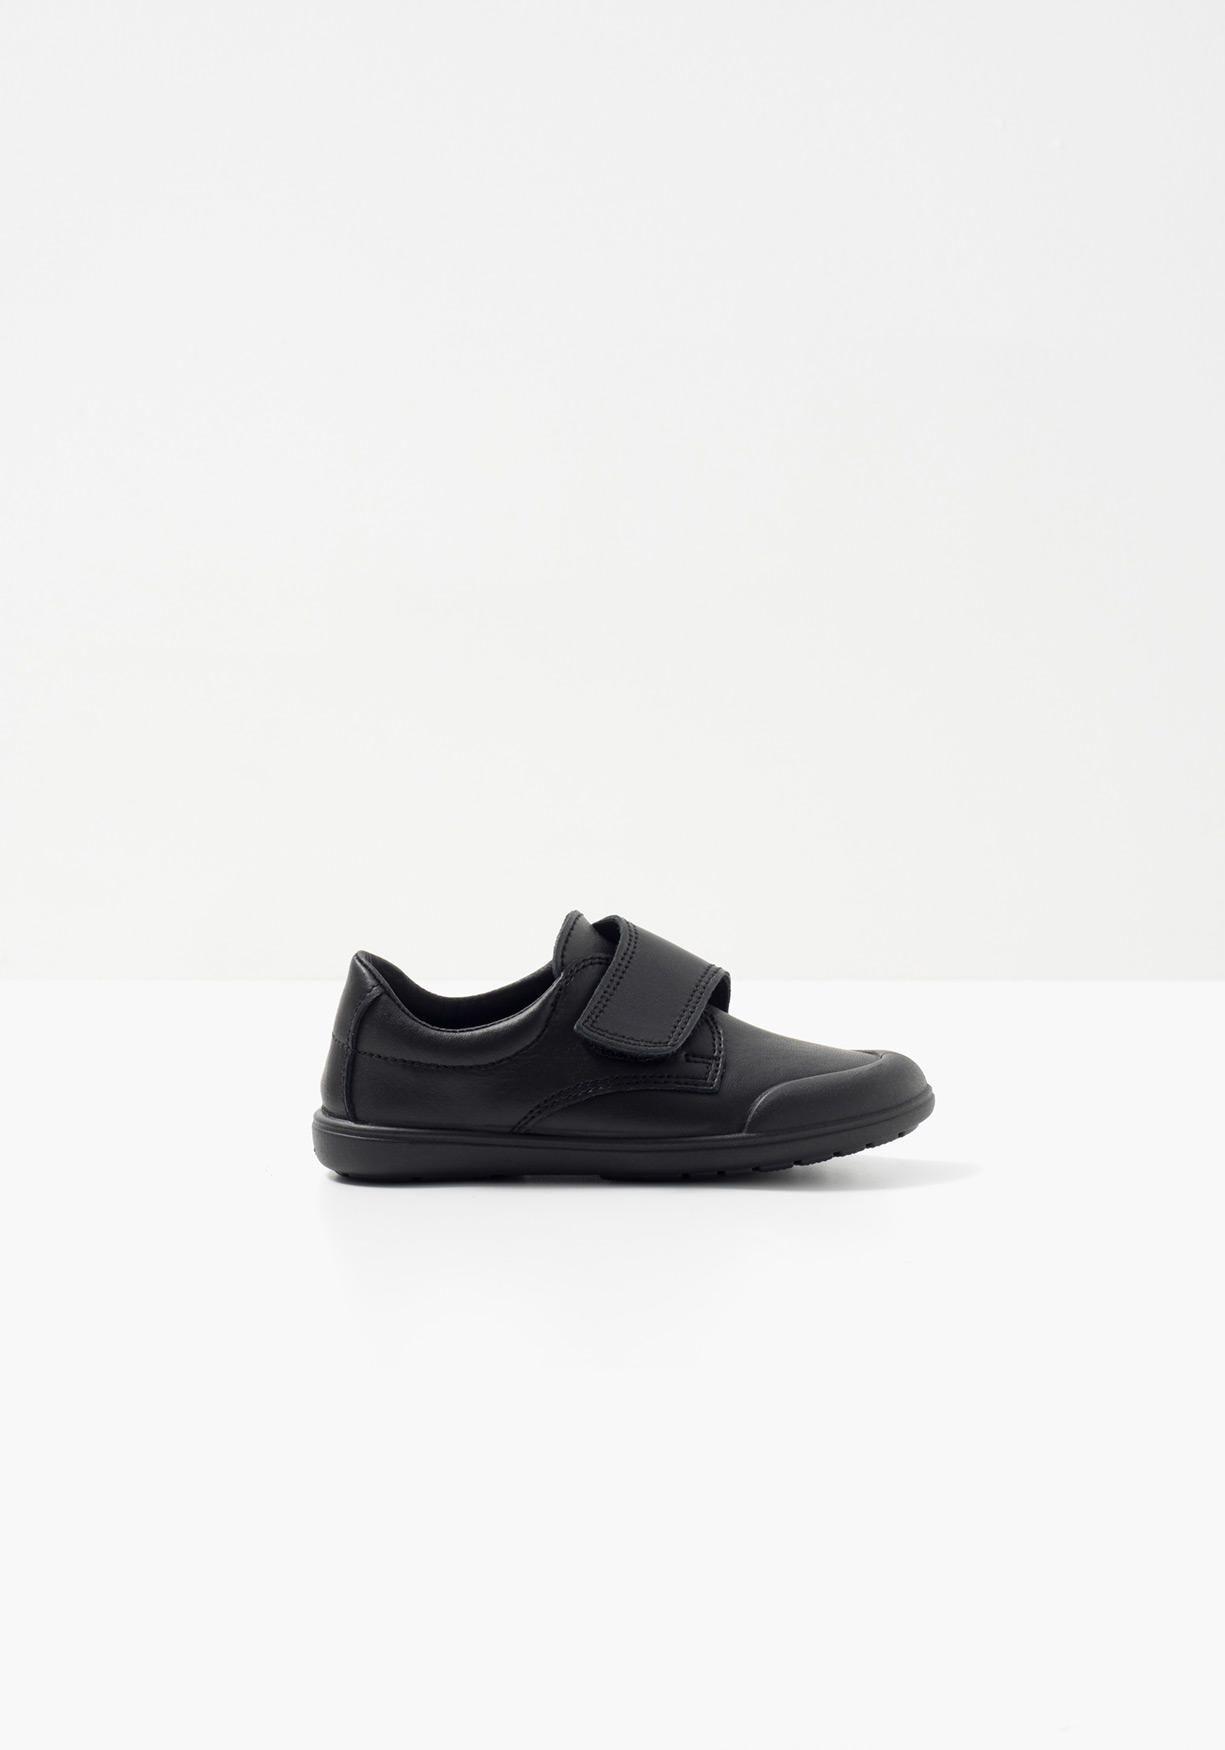 d318df48016 Comprar Zapatos colegiales de piel lavables TEX (Tallas 25 a 30 ...